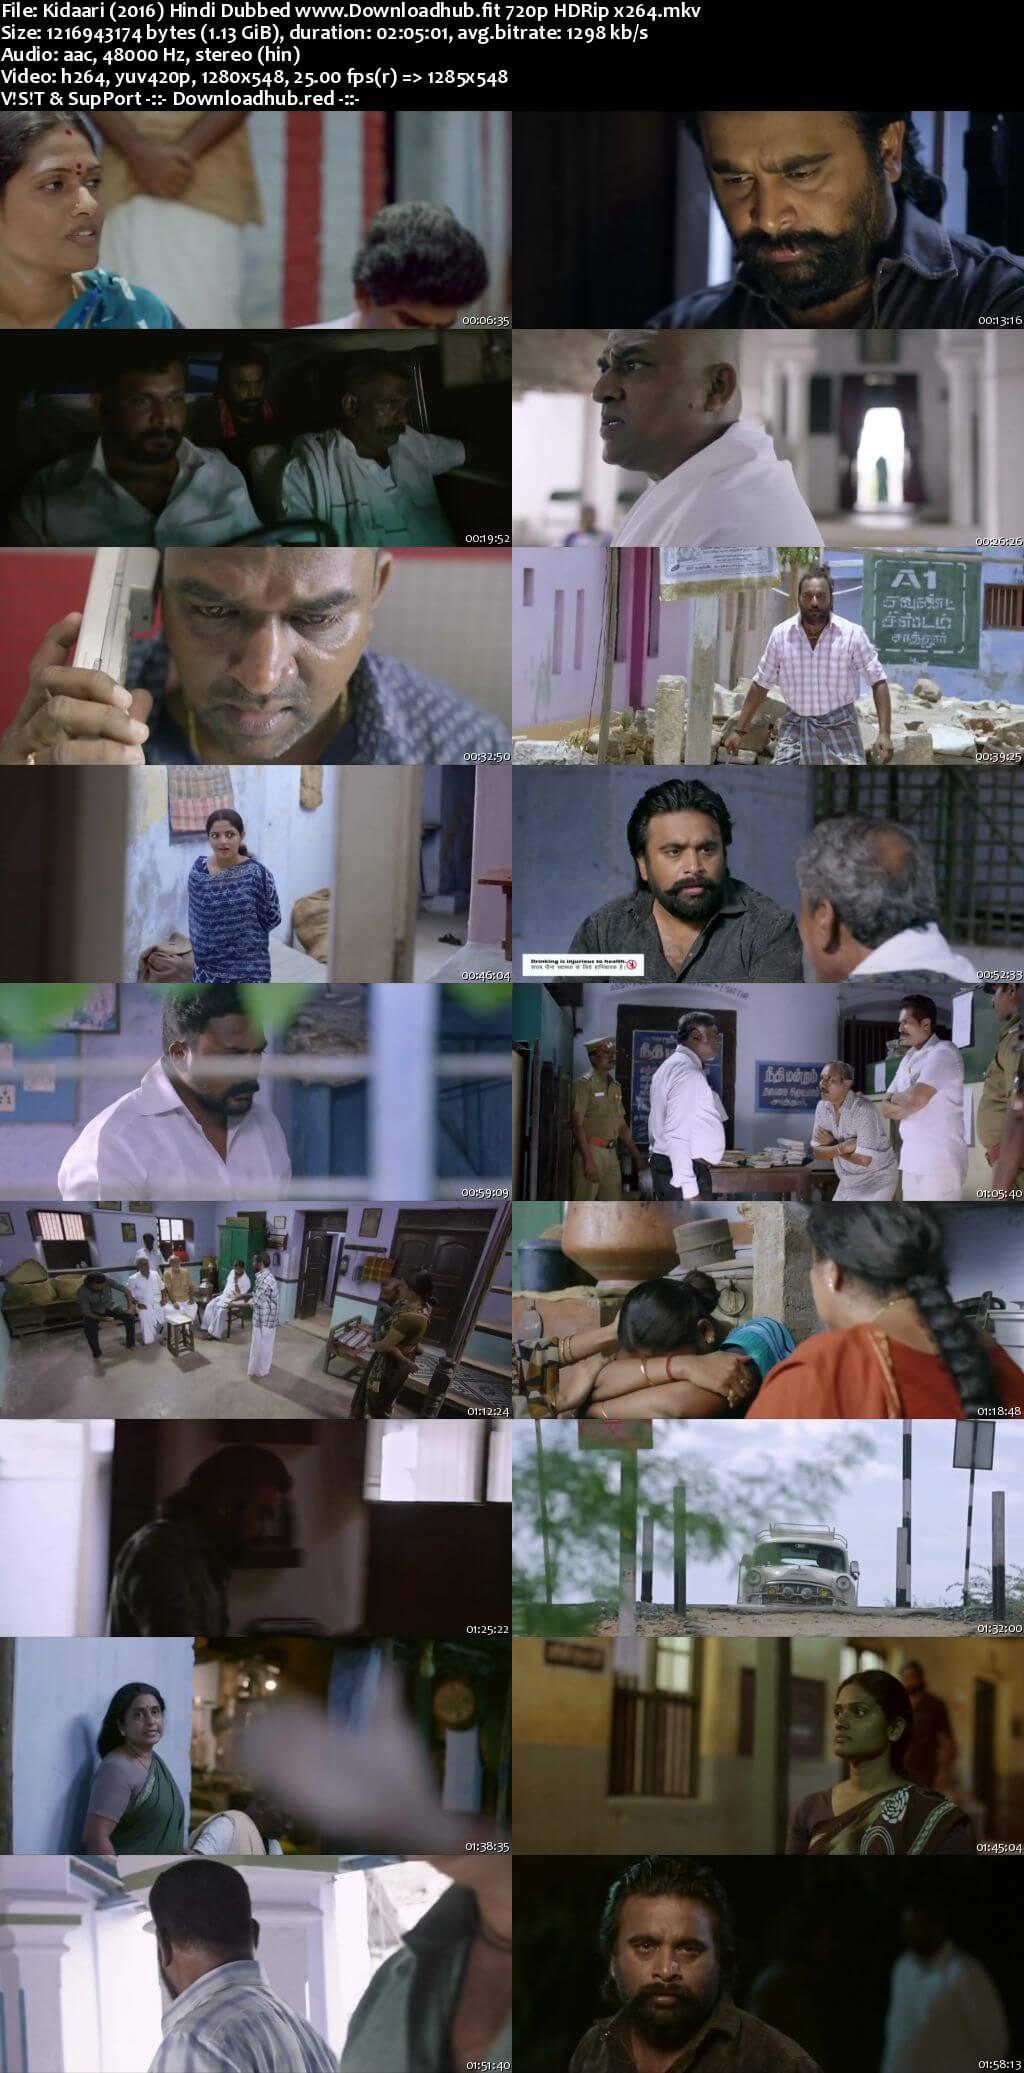 Kidaari 2016 Hindi Dubbed 720p HDRip x264